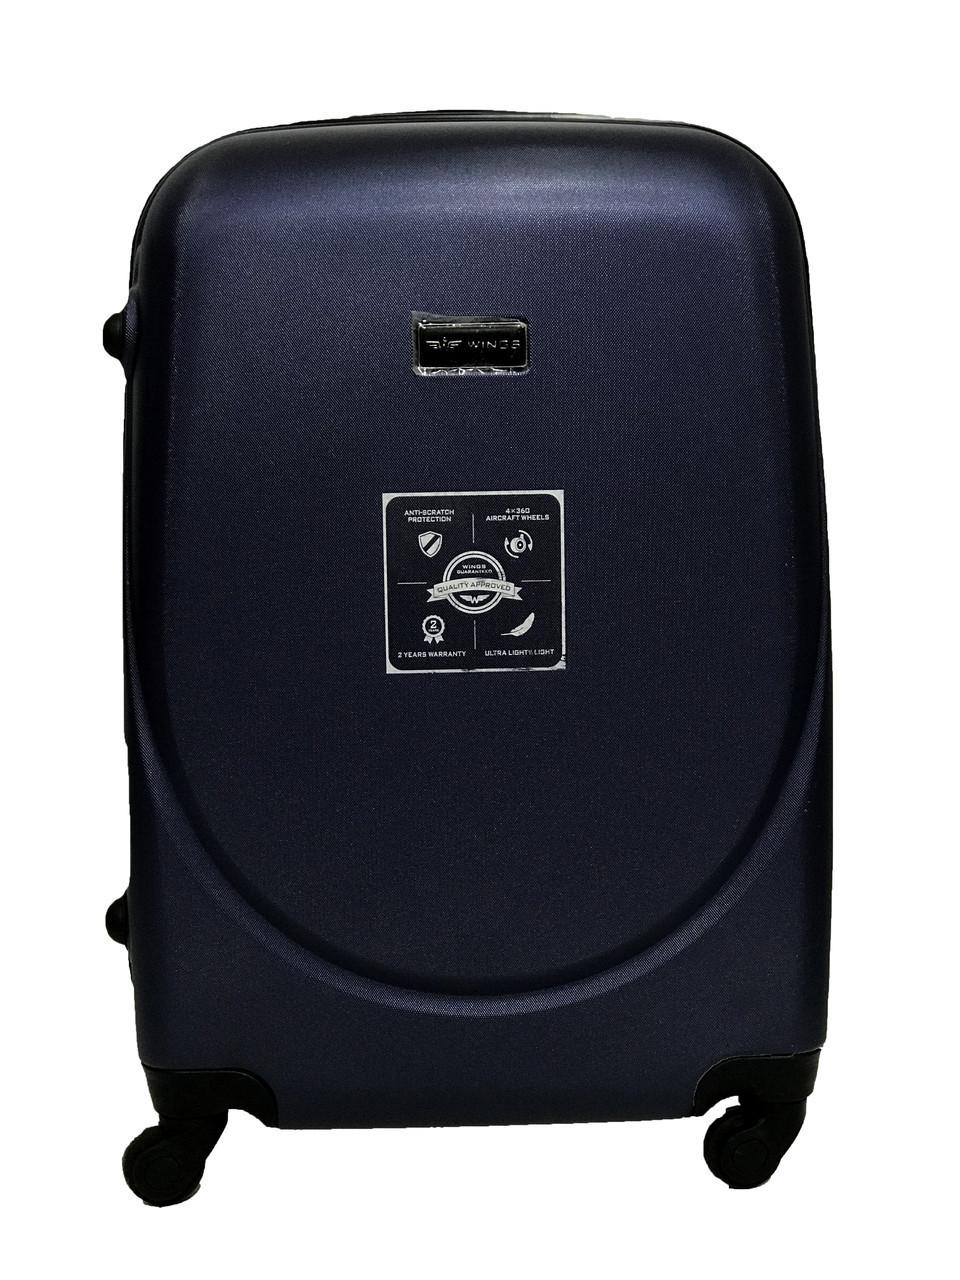 Чемодан 4 колеса темно-синий Большой (75*45*30) см